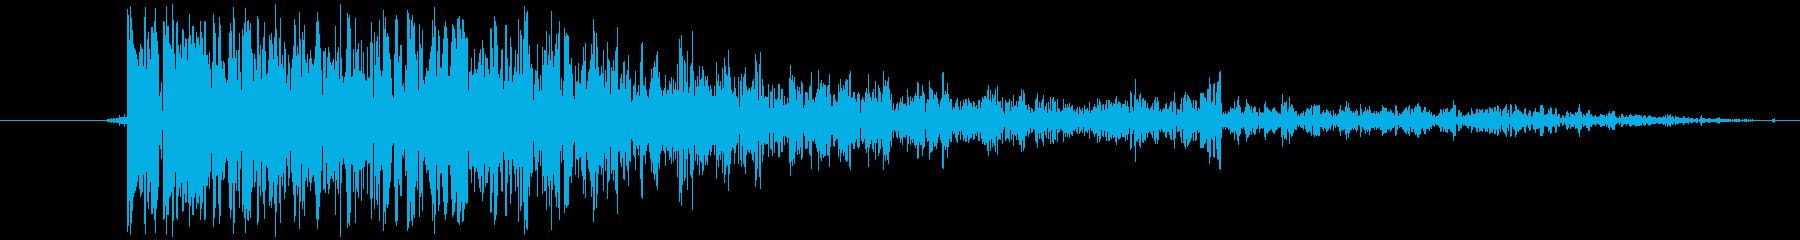 【銃/単発/バン/バーン/効果音】の再生済みの波形